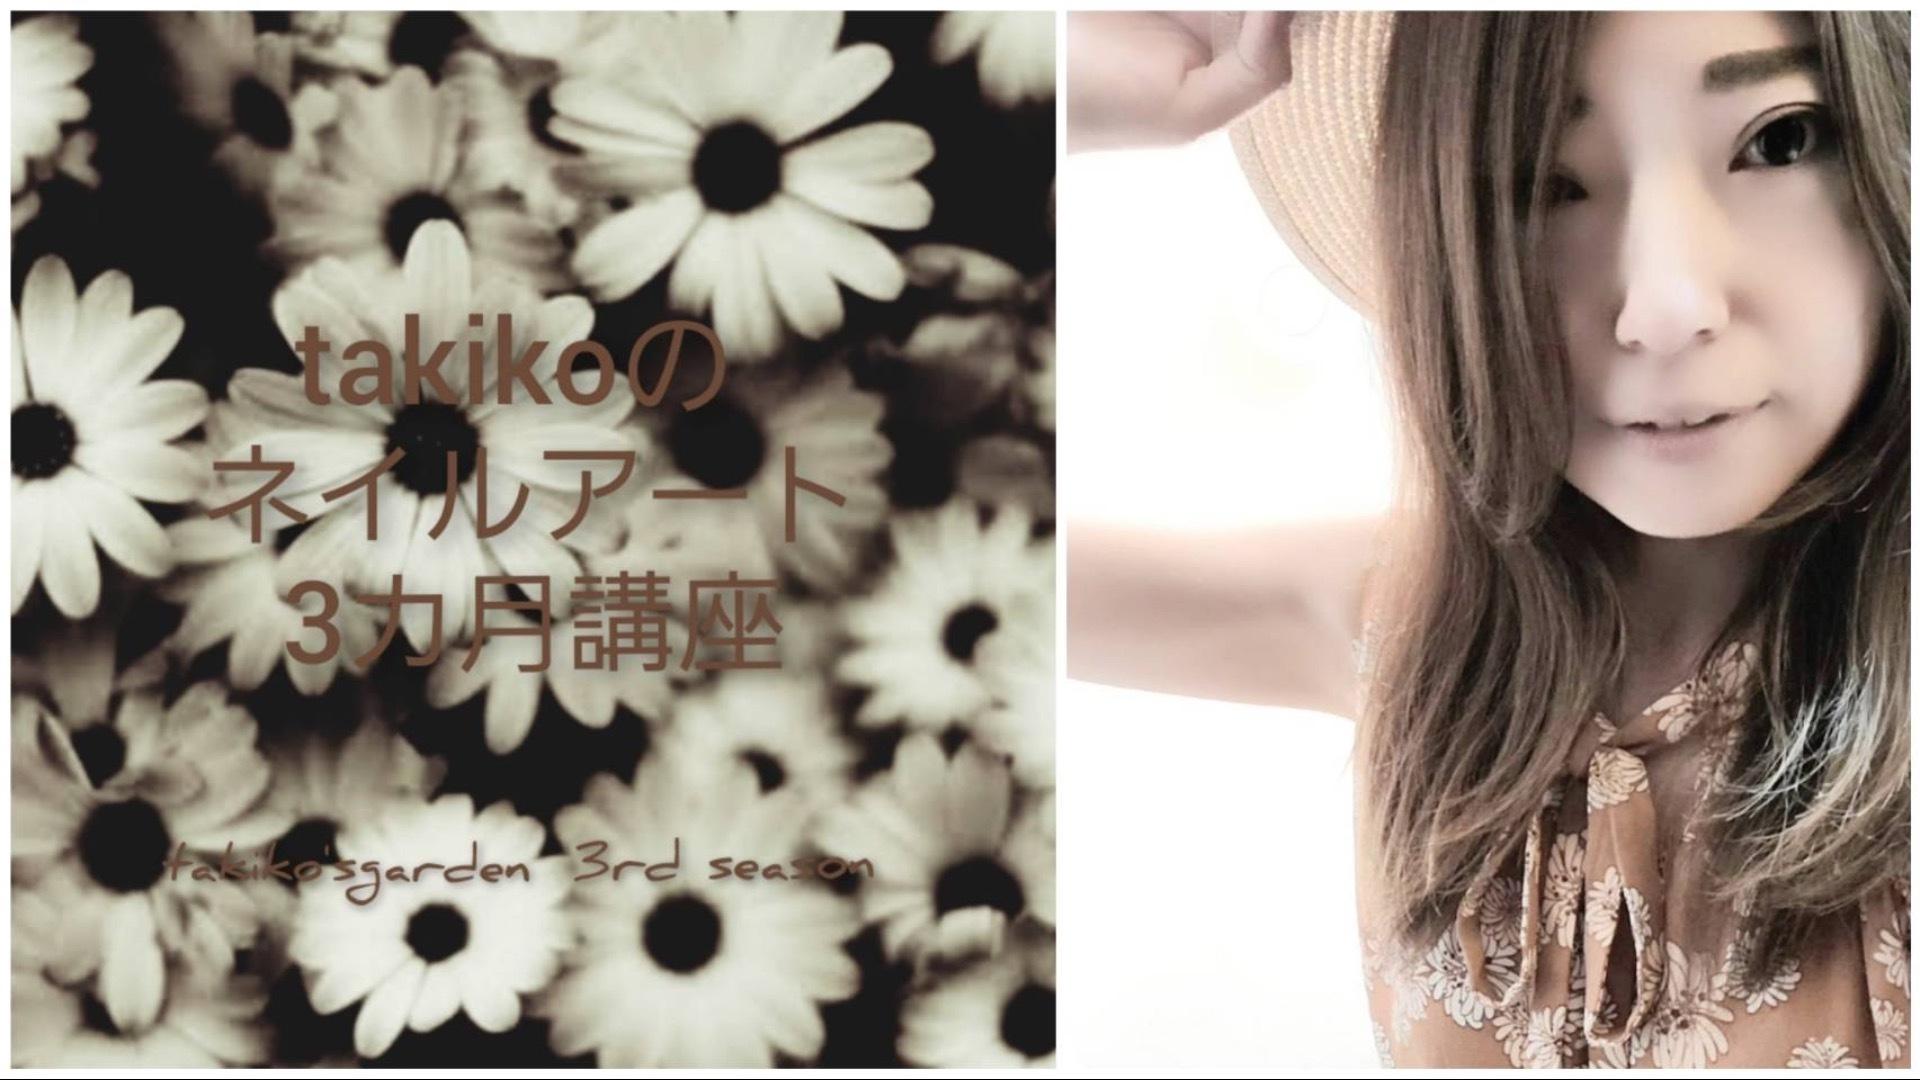 【第3期】takikoのネイルアート3ヶ月講座